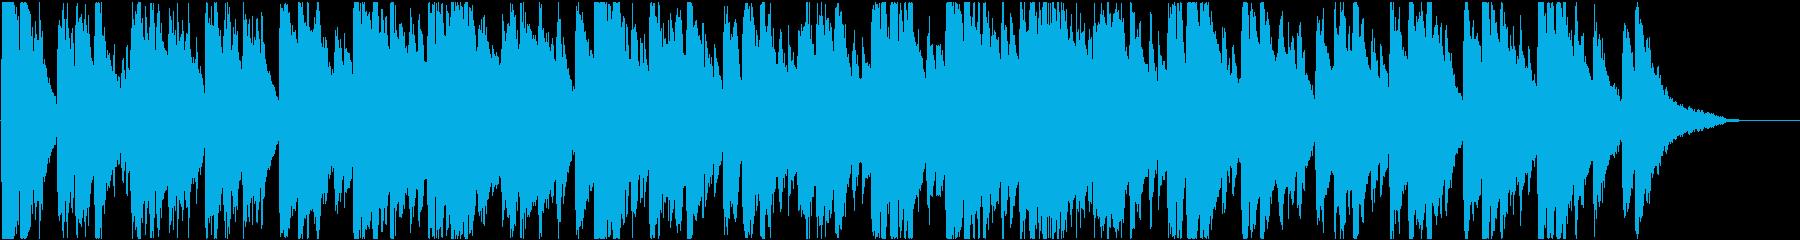 バロック 16bit48kHzVerの再生済みの波形